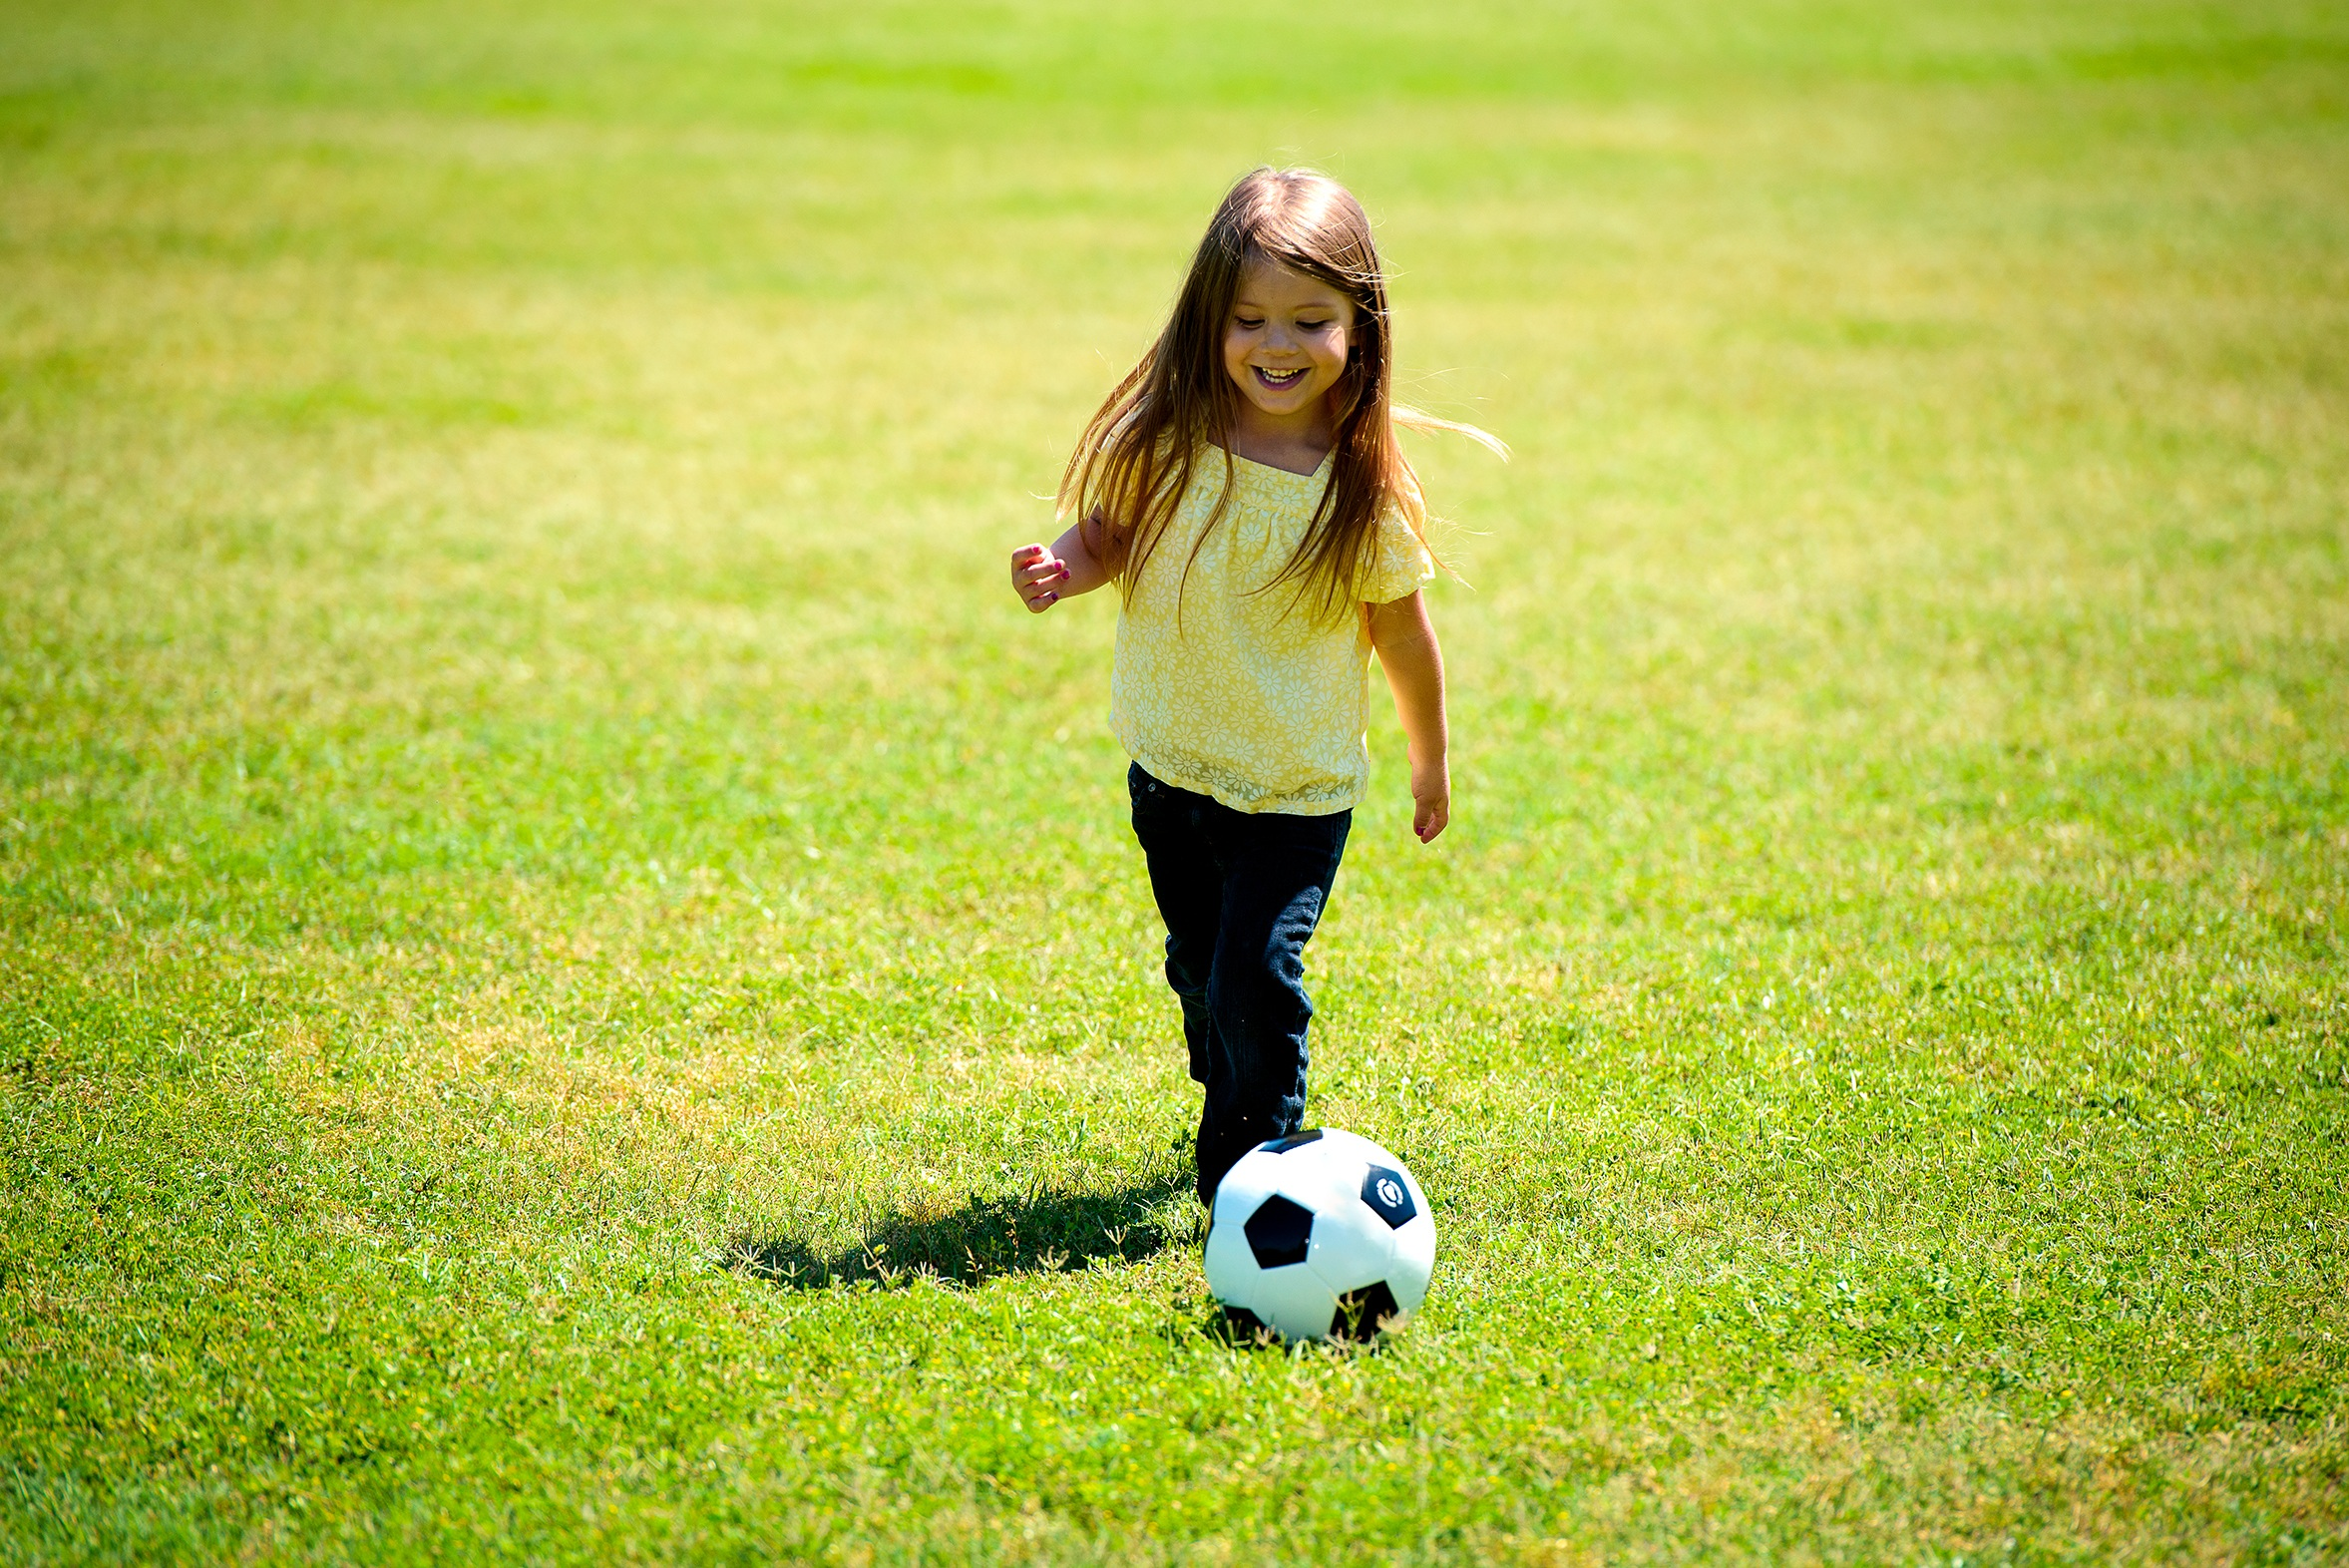 meisje voetbal